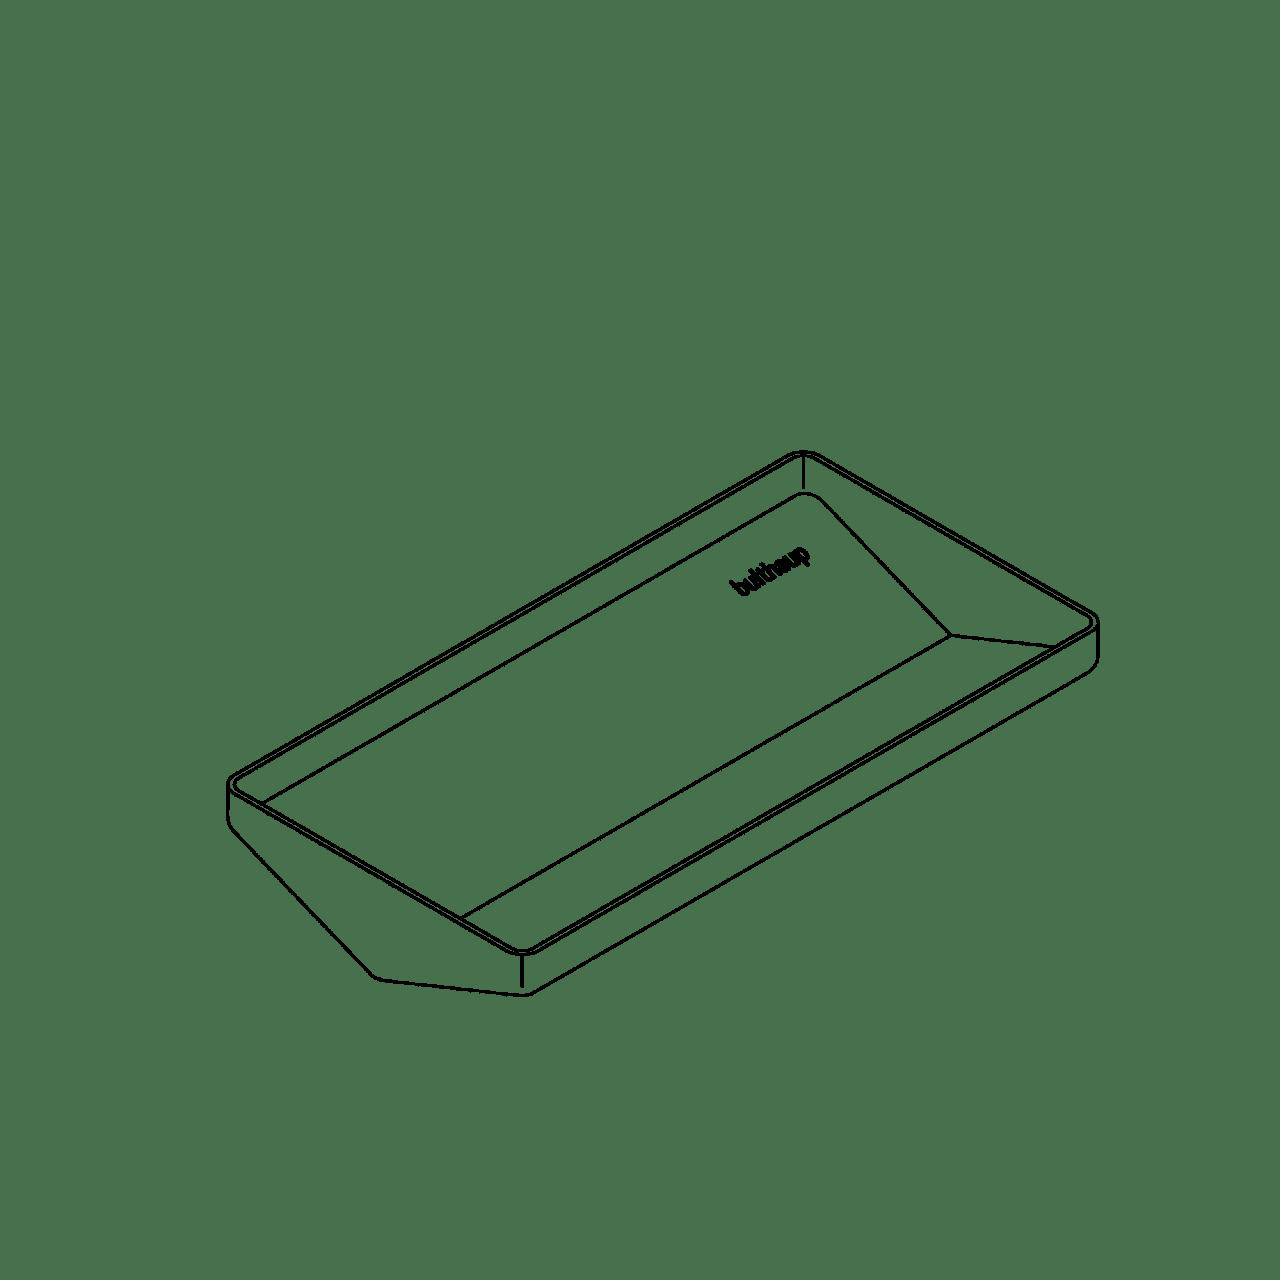 Utensilien-Schale für funktionale Prismen